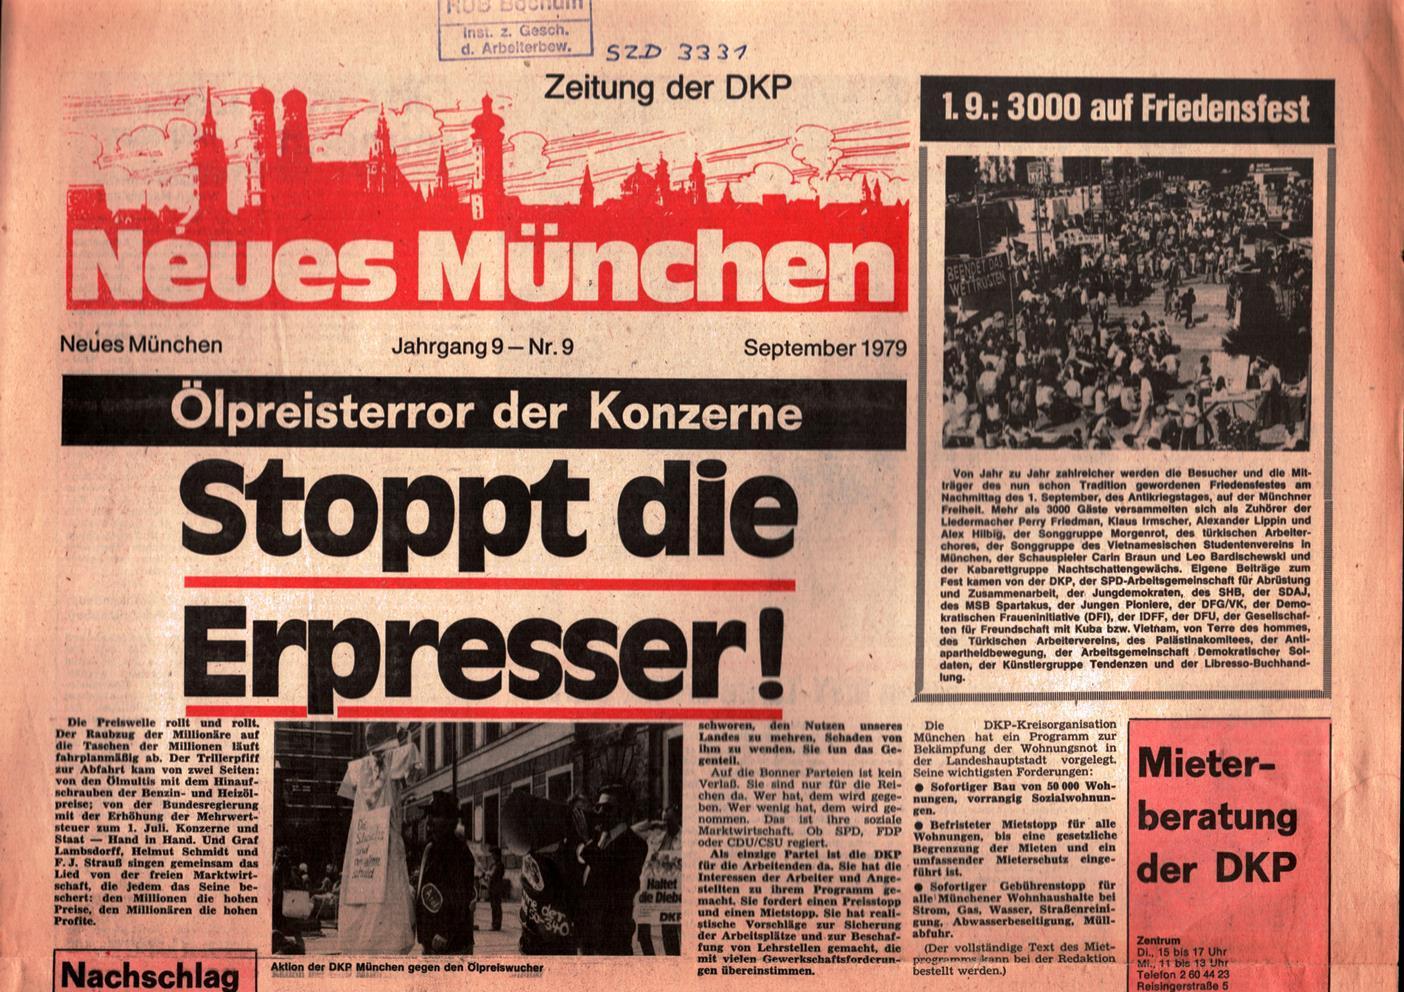 Muenchen_DKP_Neues_Muenchen_19790900_009_001